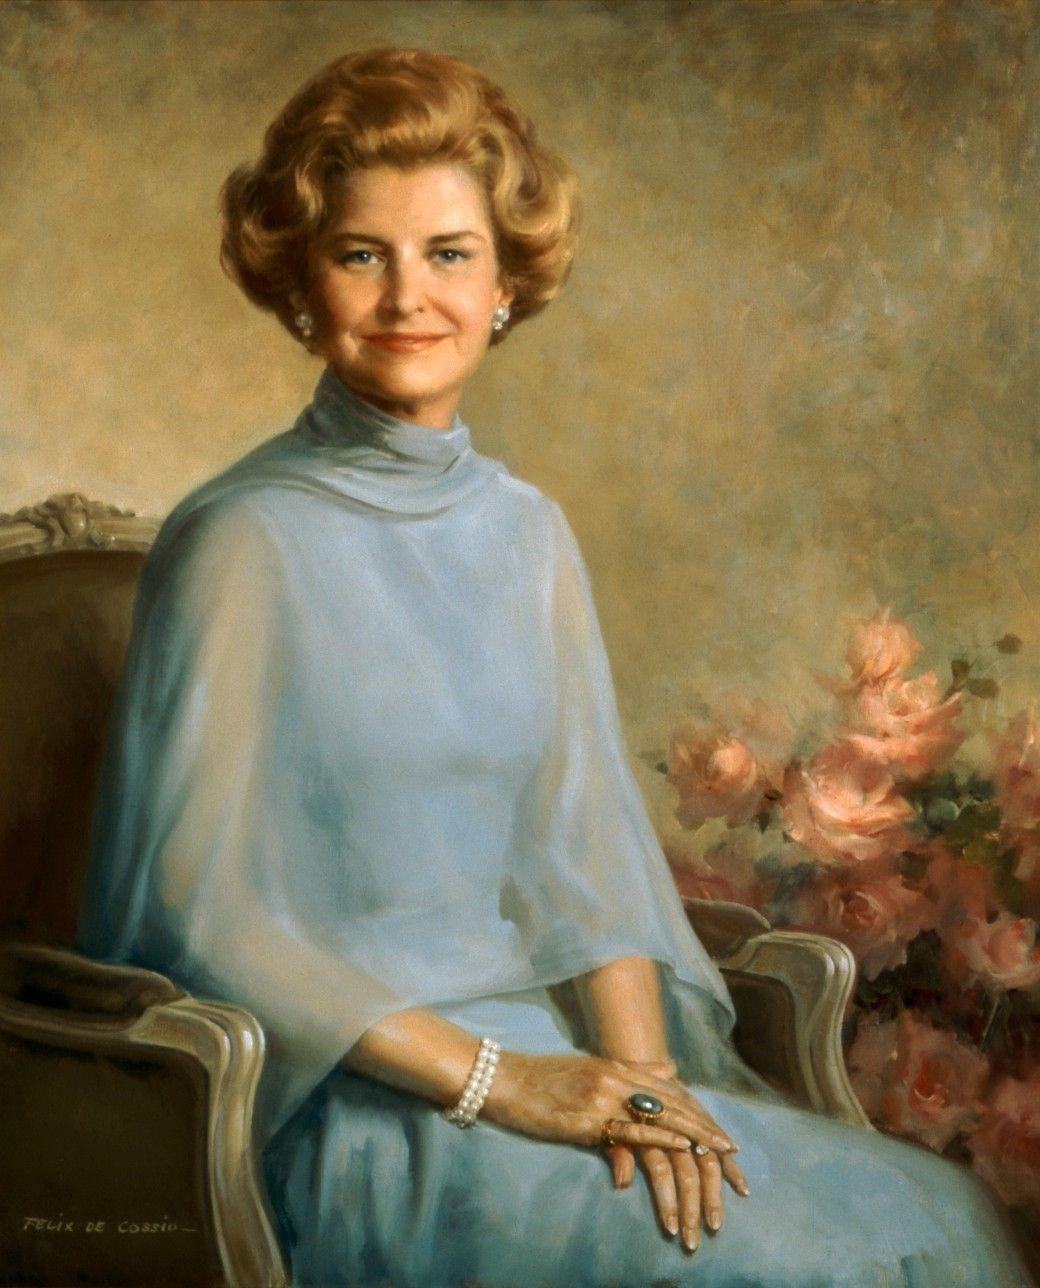 Elizabeth-Ford.jpg (1040×1288)